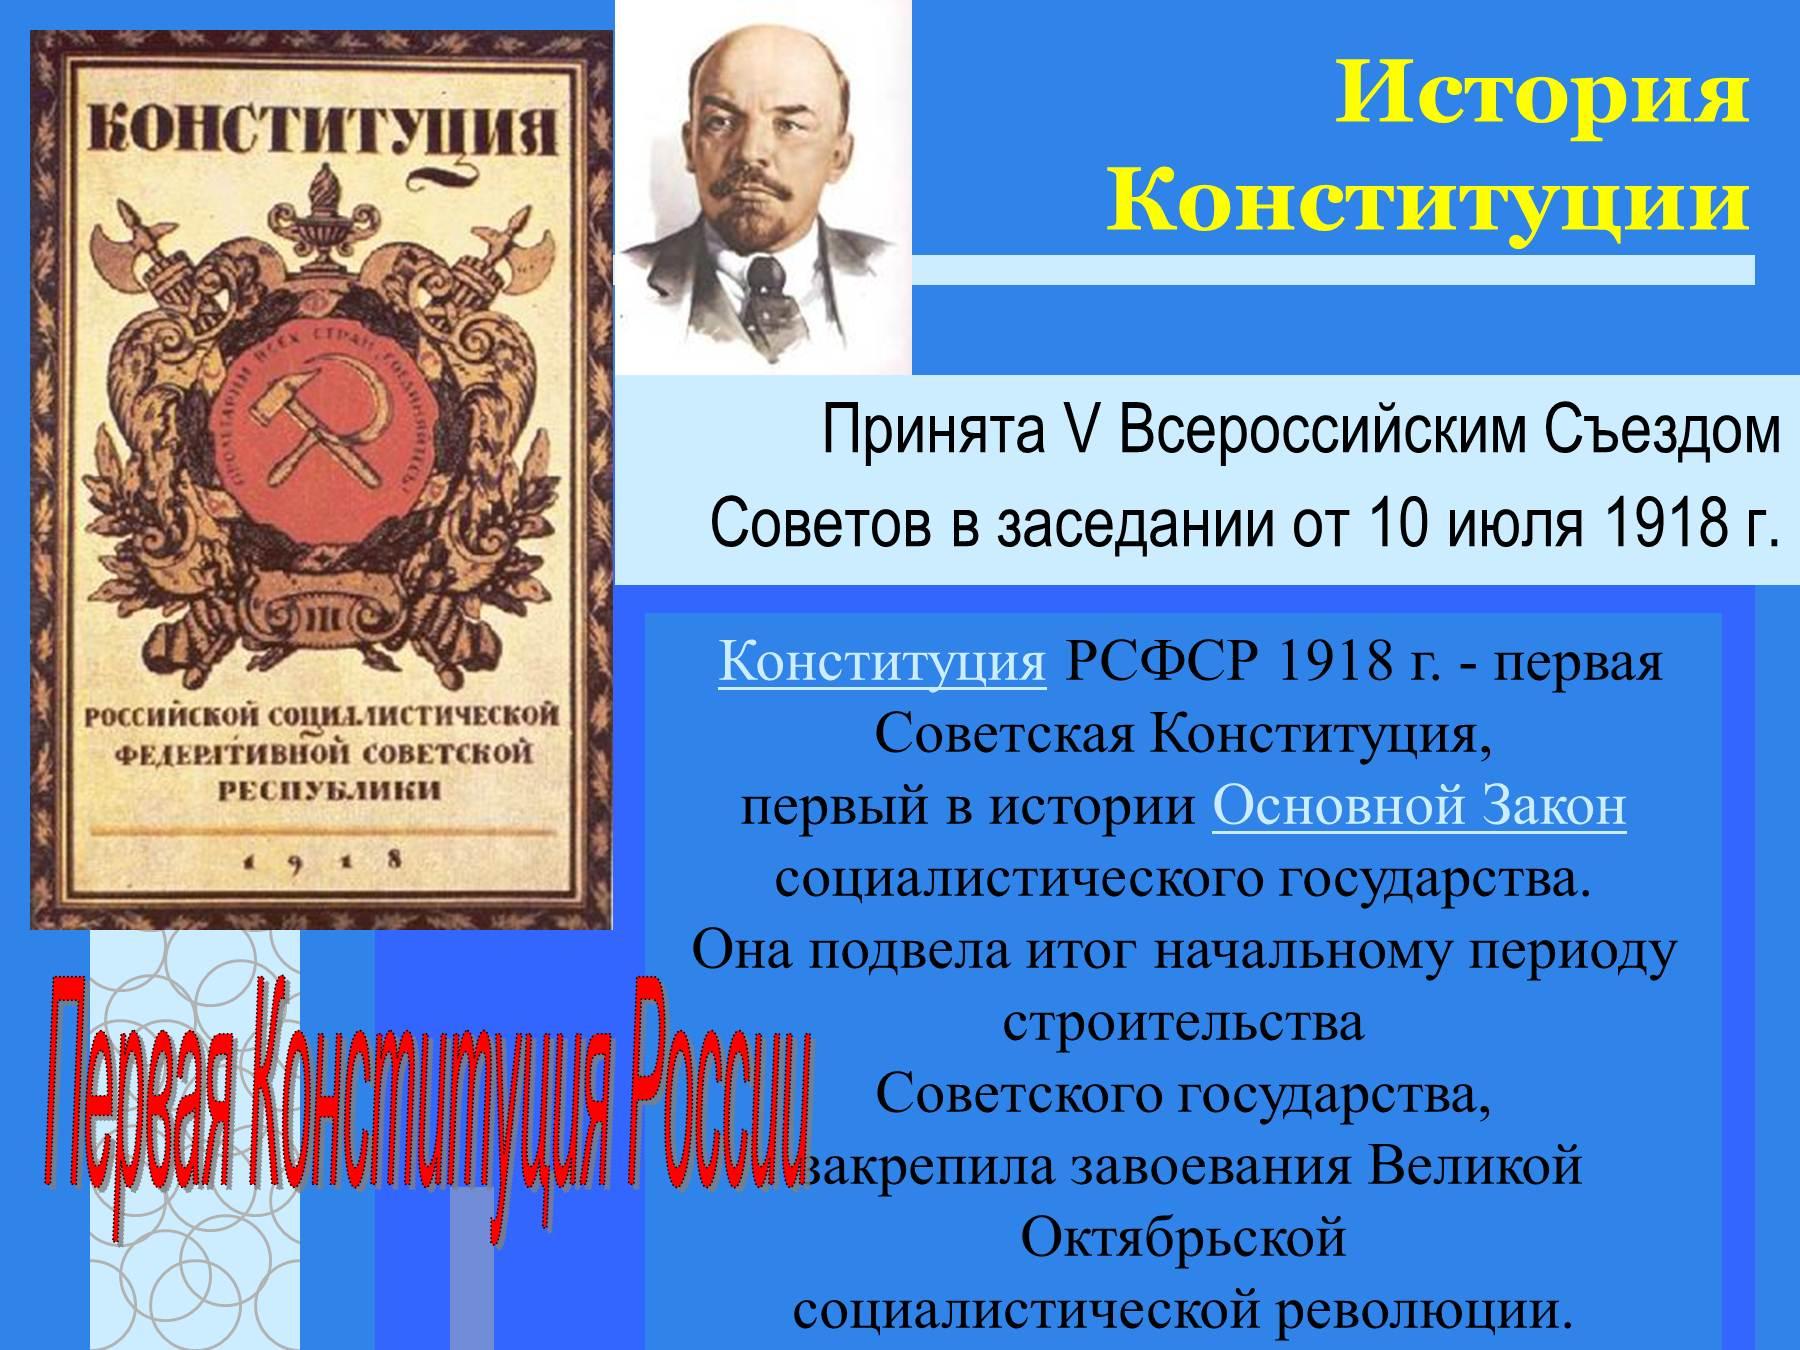 После захвата власти большевиками, в июне 1918 года была учреждена первая конституция рсфср